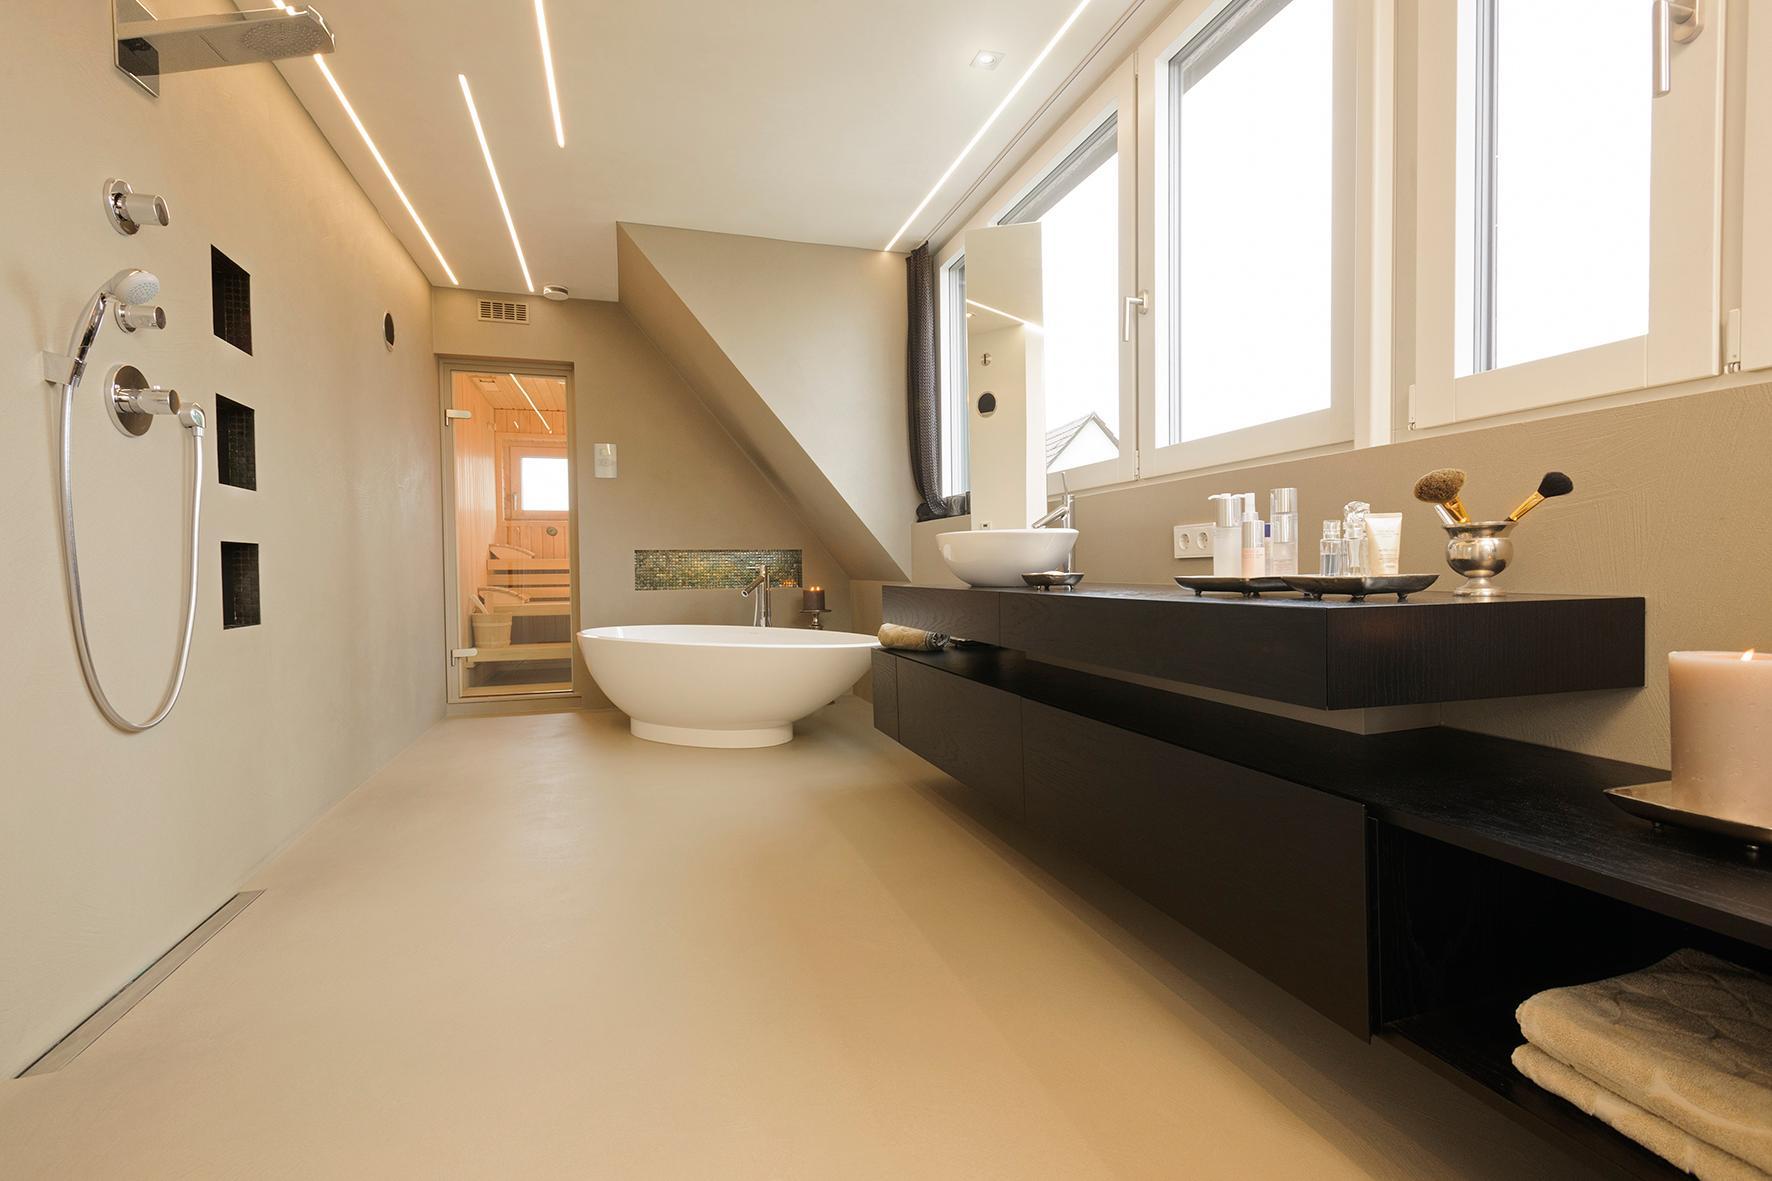 Badezimmer mit Sauna #badewanne #offenedusche #sauna...